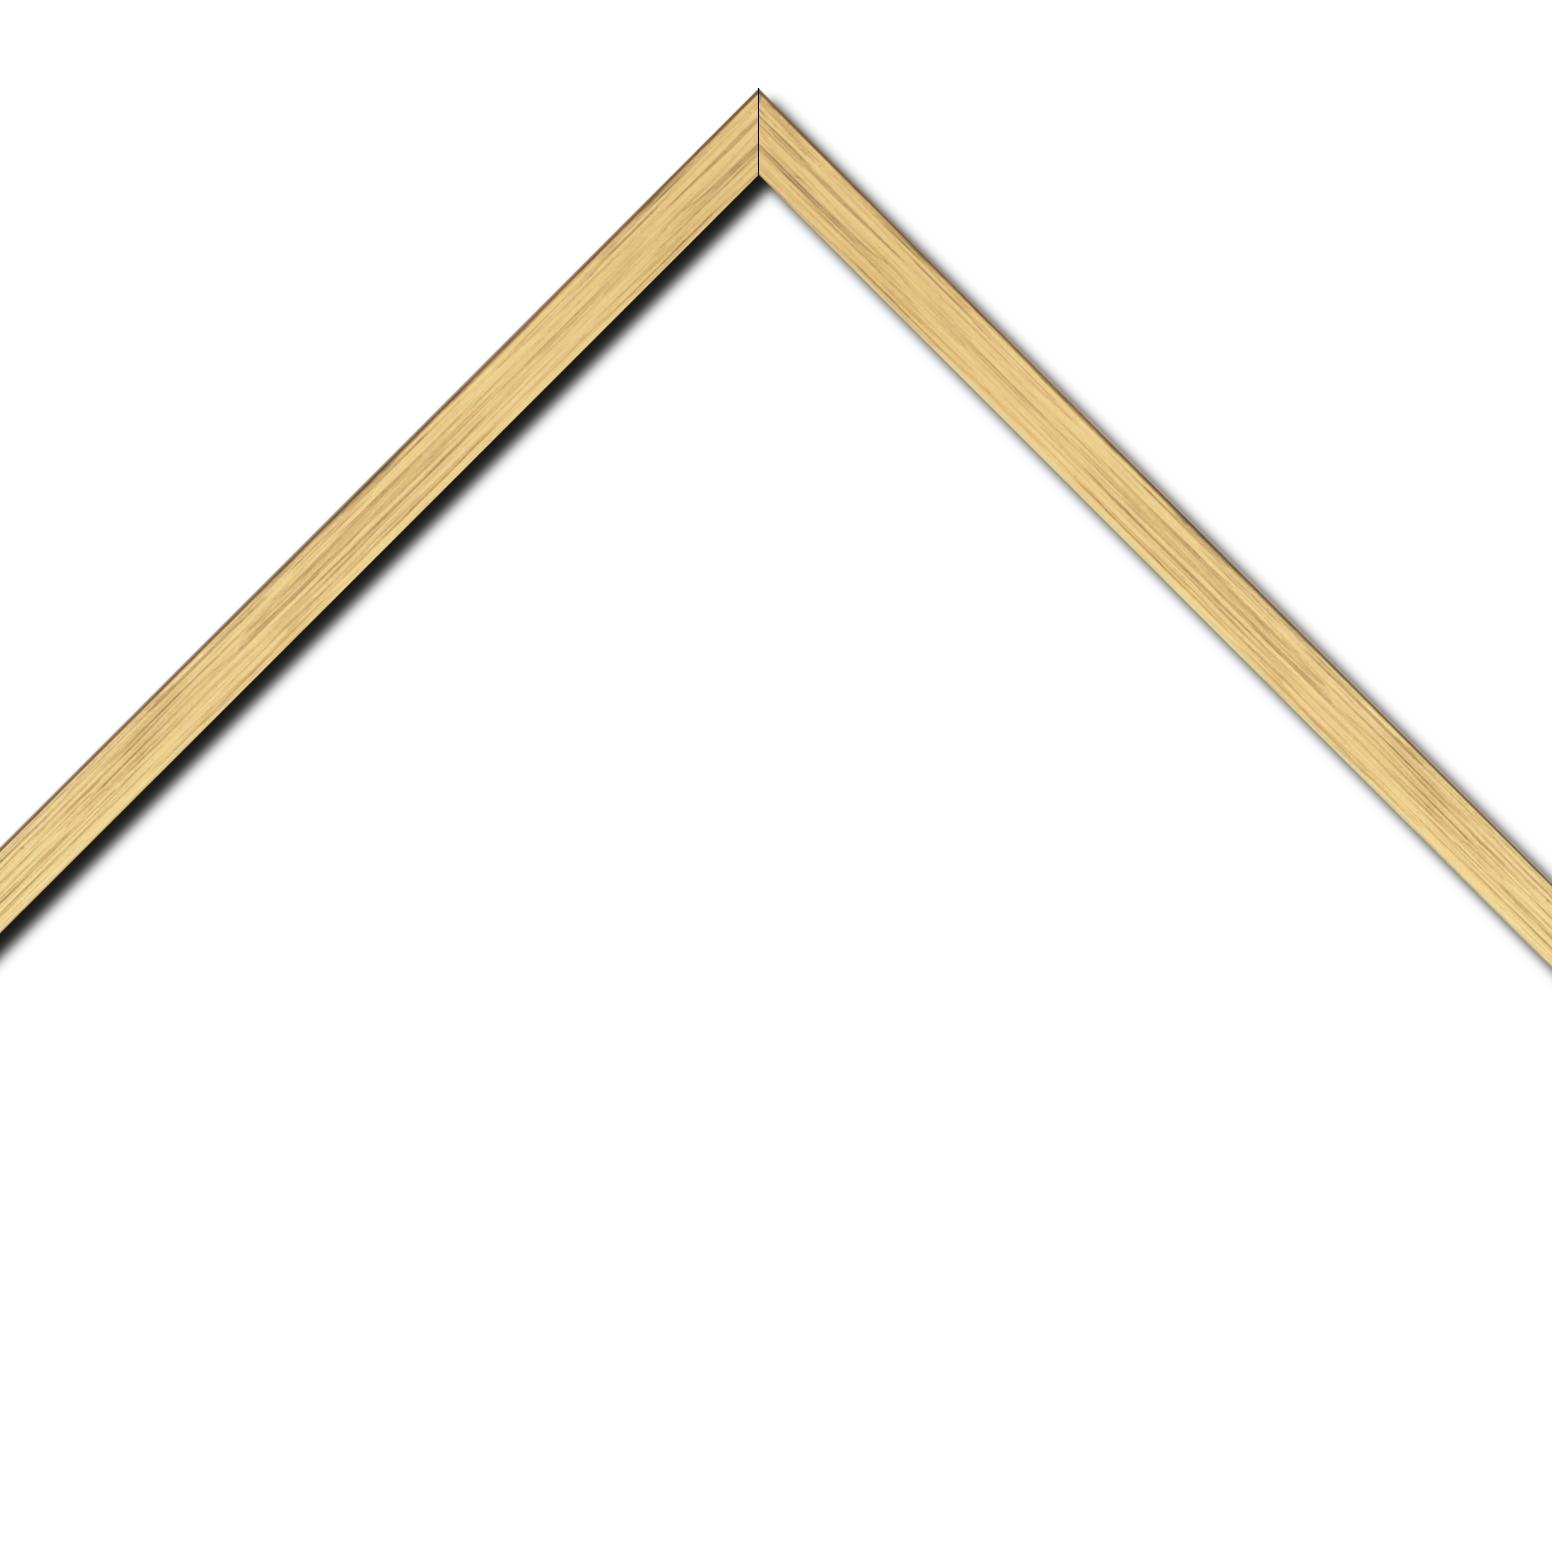 Baguette bois profil plat largeur 1.5cm couleur or